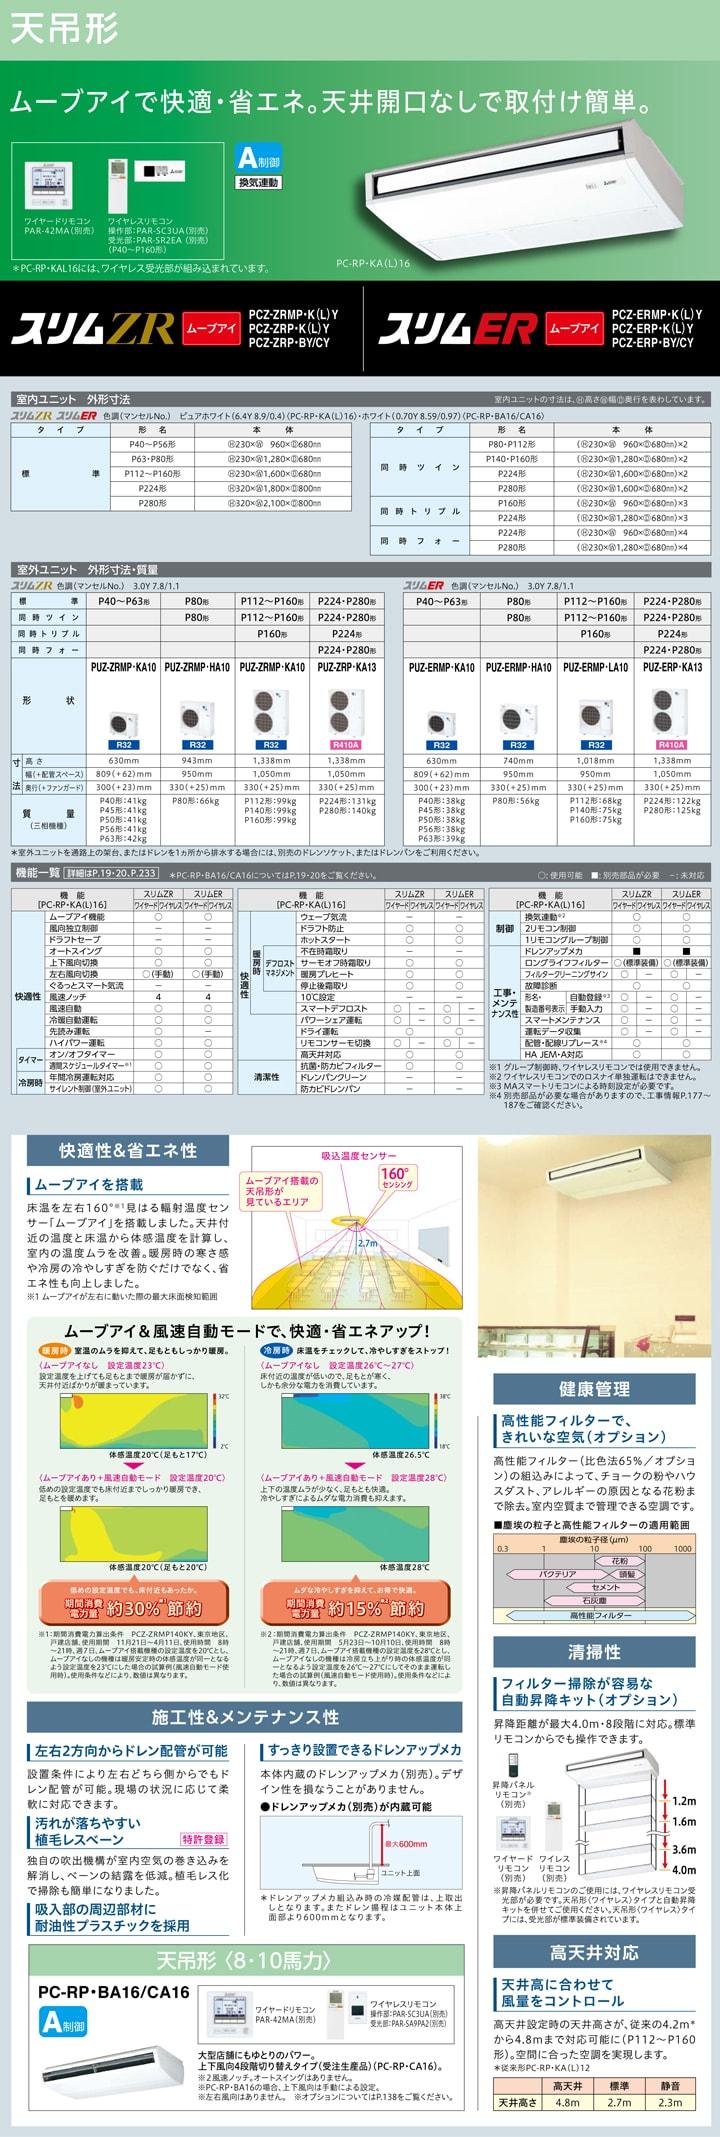 三菱電機 PCZ-ERMP45KLY 業務用エアコン